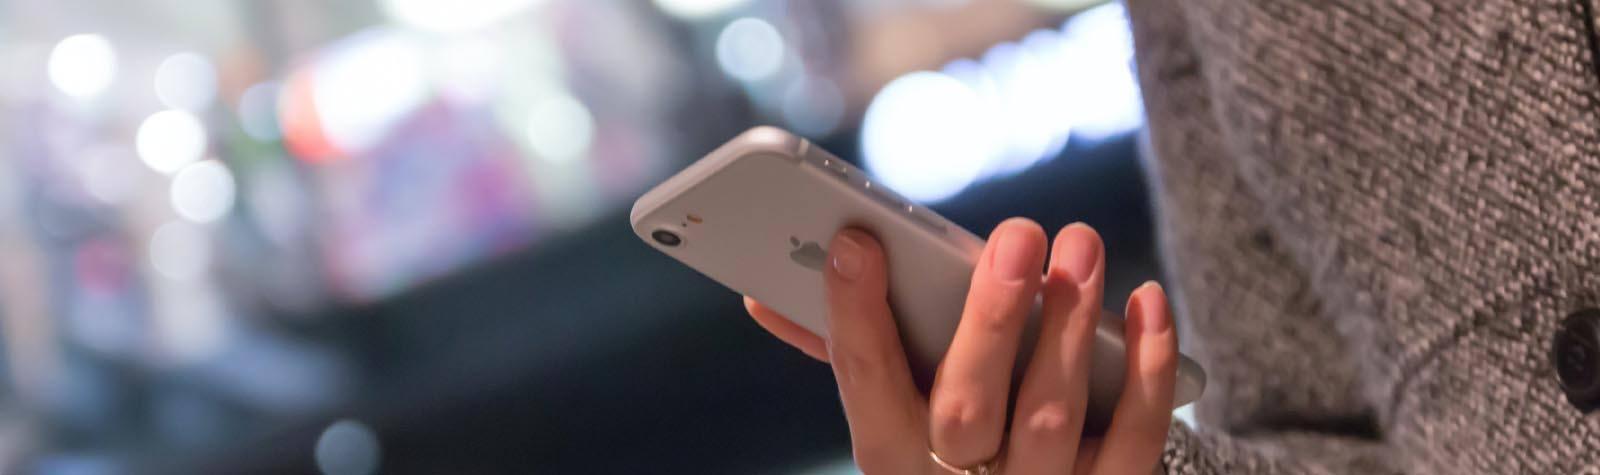 Beveiligingsproblemen in iOS-mail-app geconstateerd